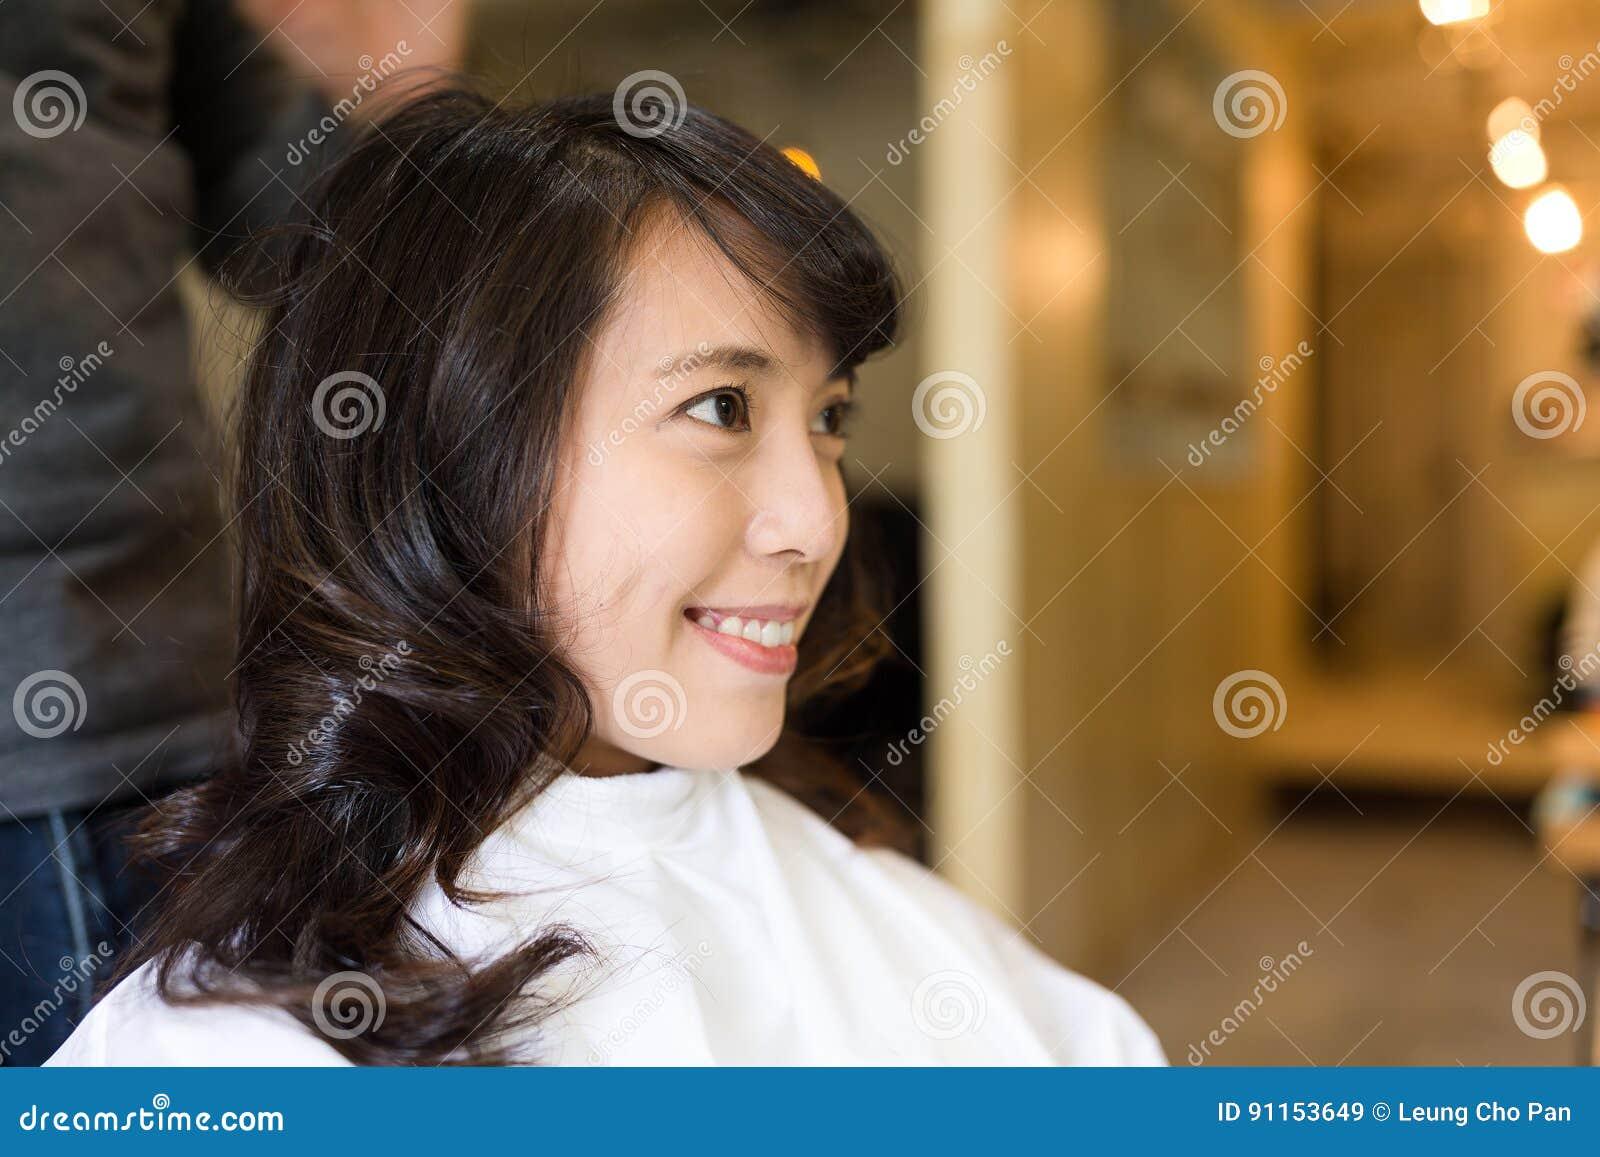 Junge Frau Die Haar Schneiden Lasst Im Salon Stockbild Bild Von